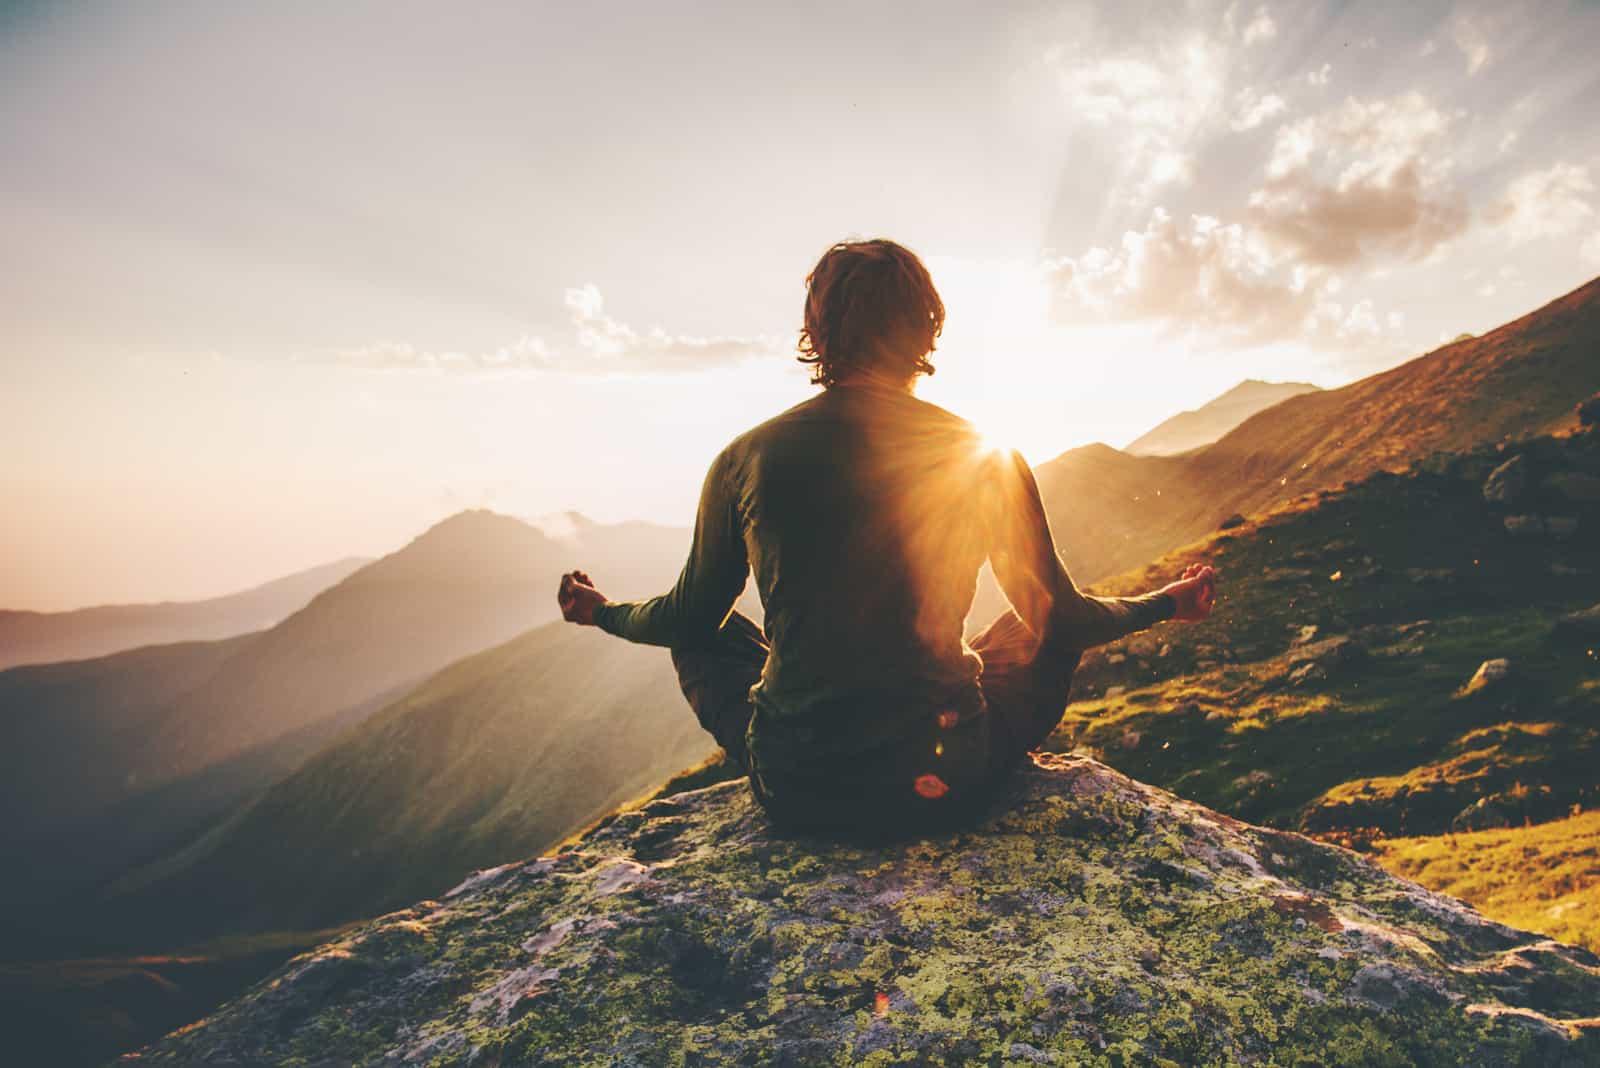 un homme est assis sur un mur et médite